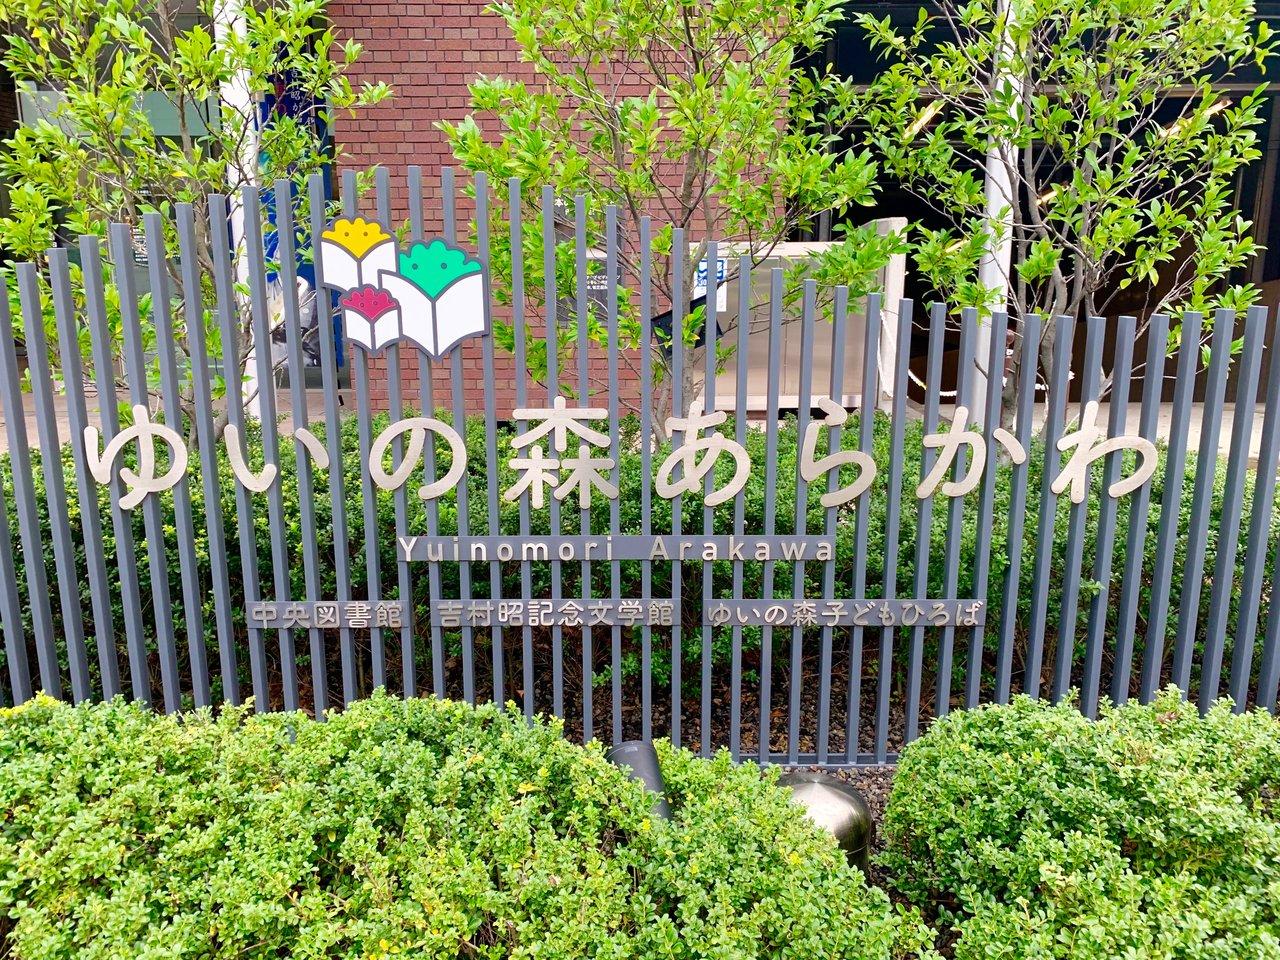 【東京・荒川】年齢問わずのびのび過ごせる「ゆいの森あらかわ」